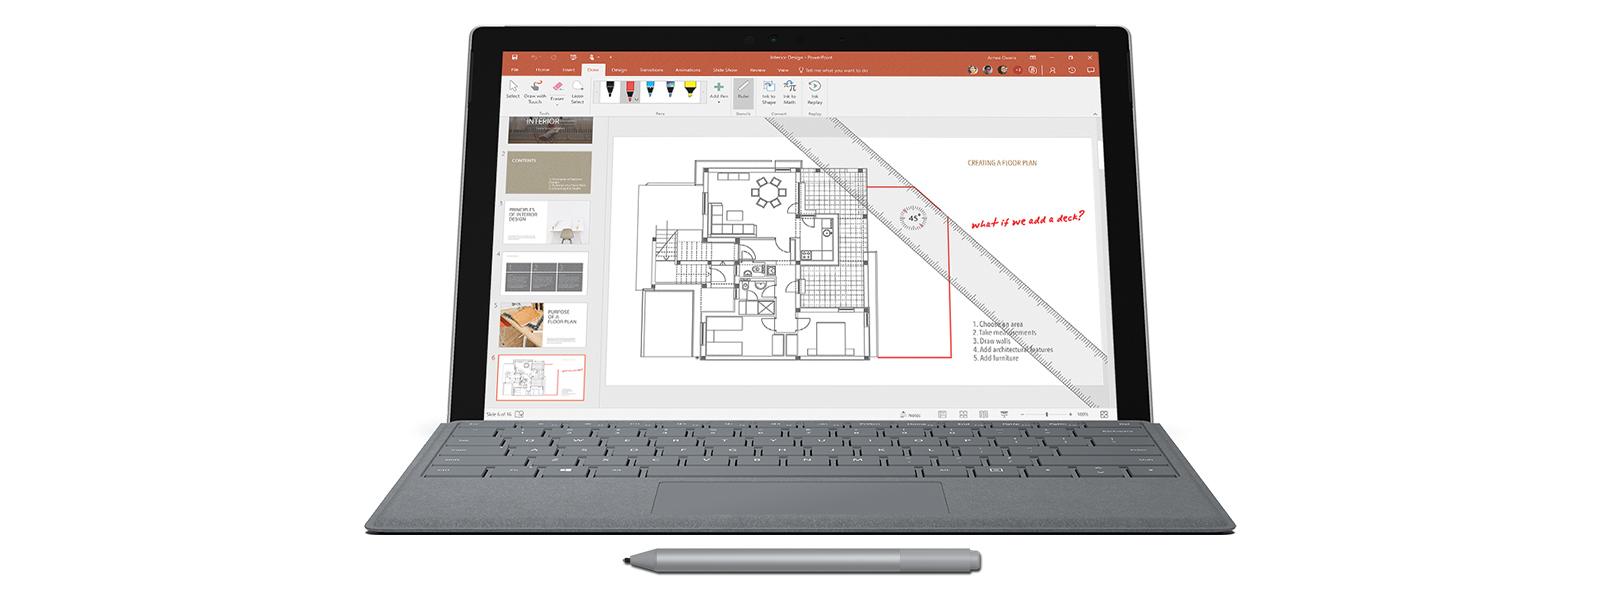 Captura de pantalla de un plano con el Lápiz para Surface, anotaciones y regla en pantalla.